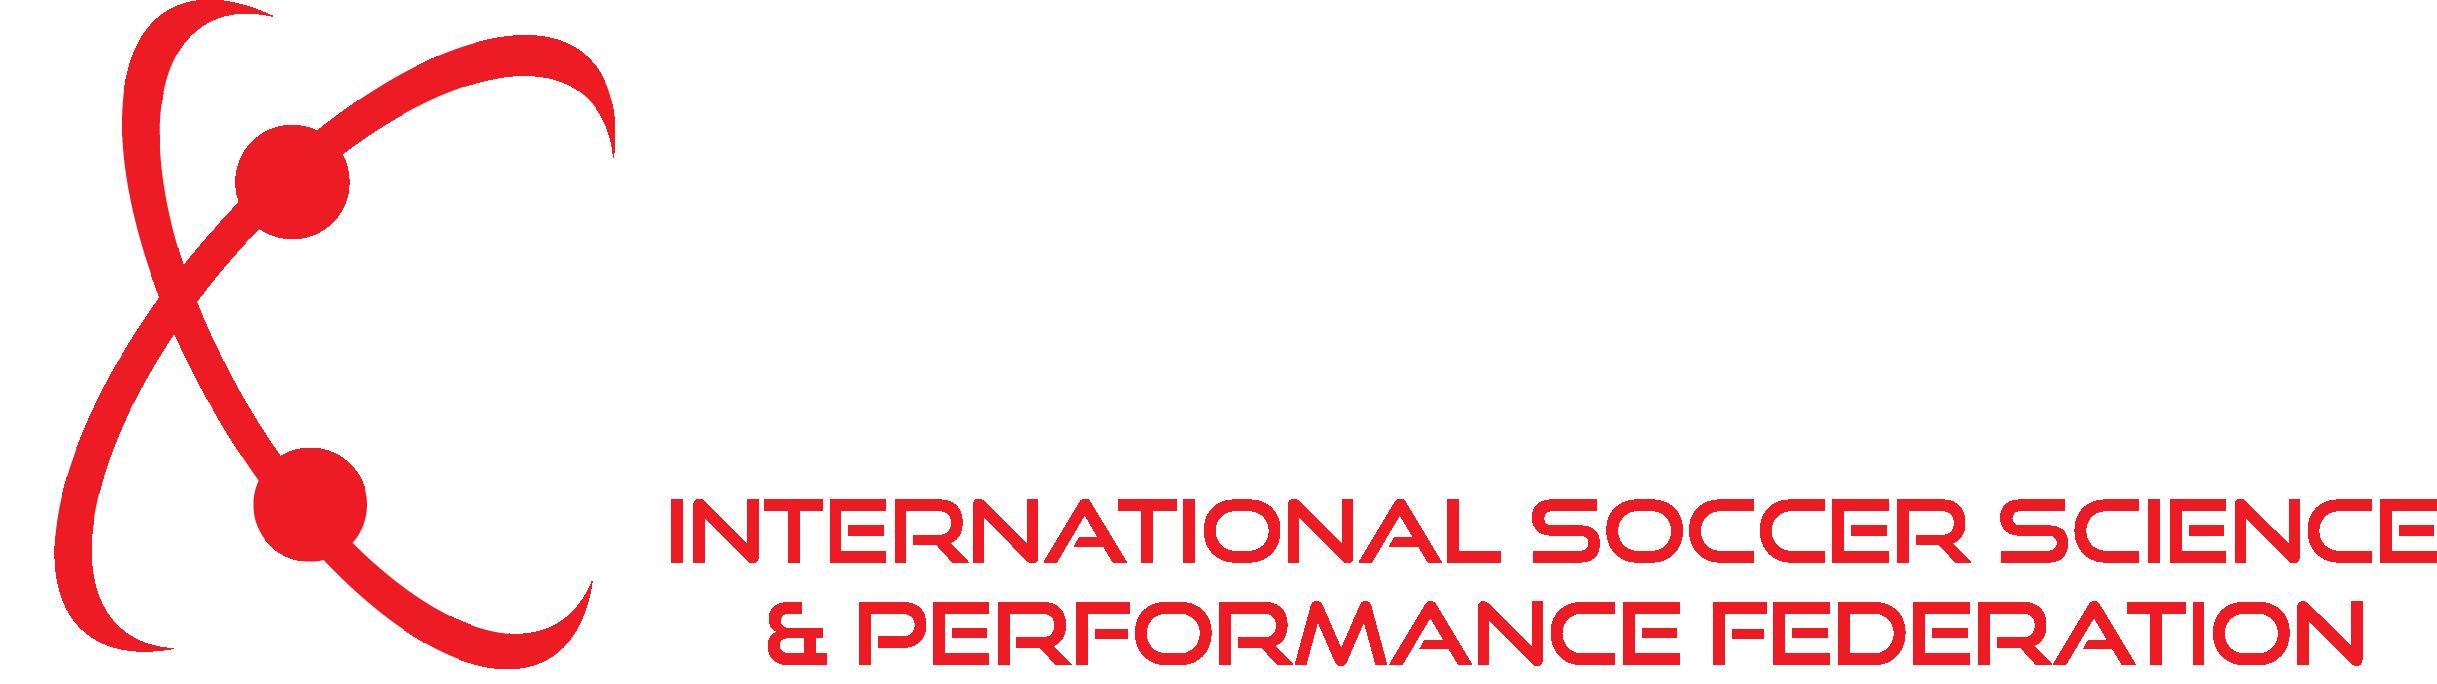 ISSPF